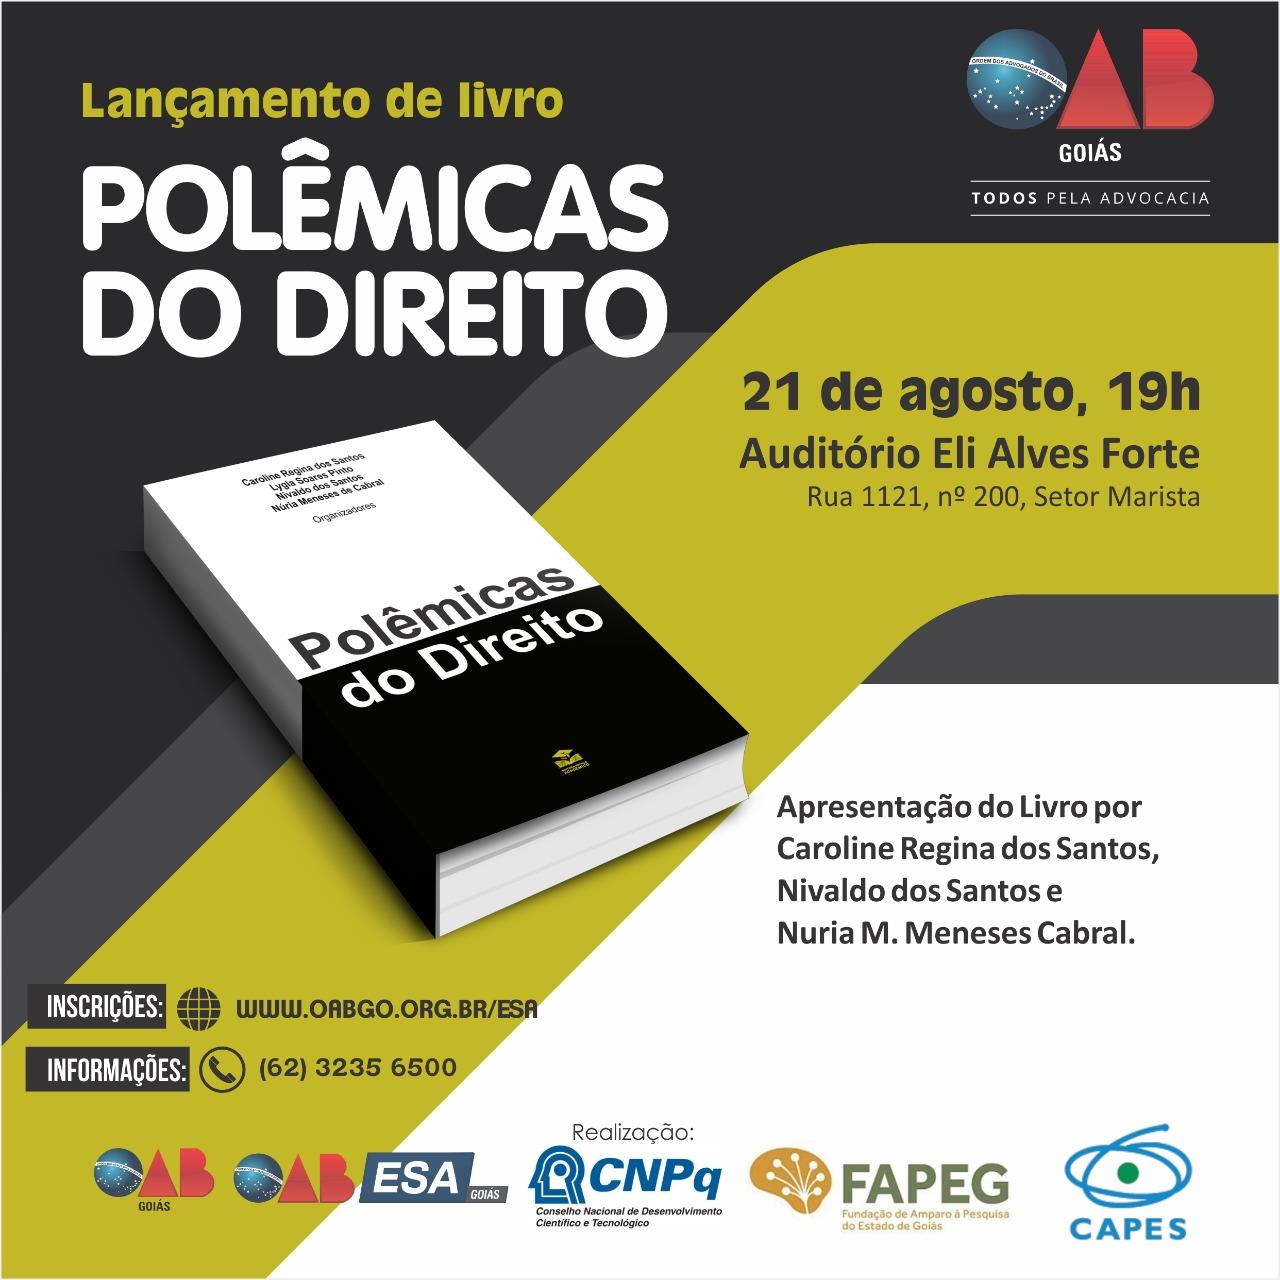 21.08 - Lançamento do Livro Polêmicas do Direito